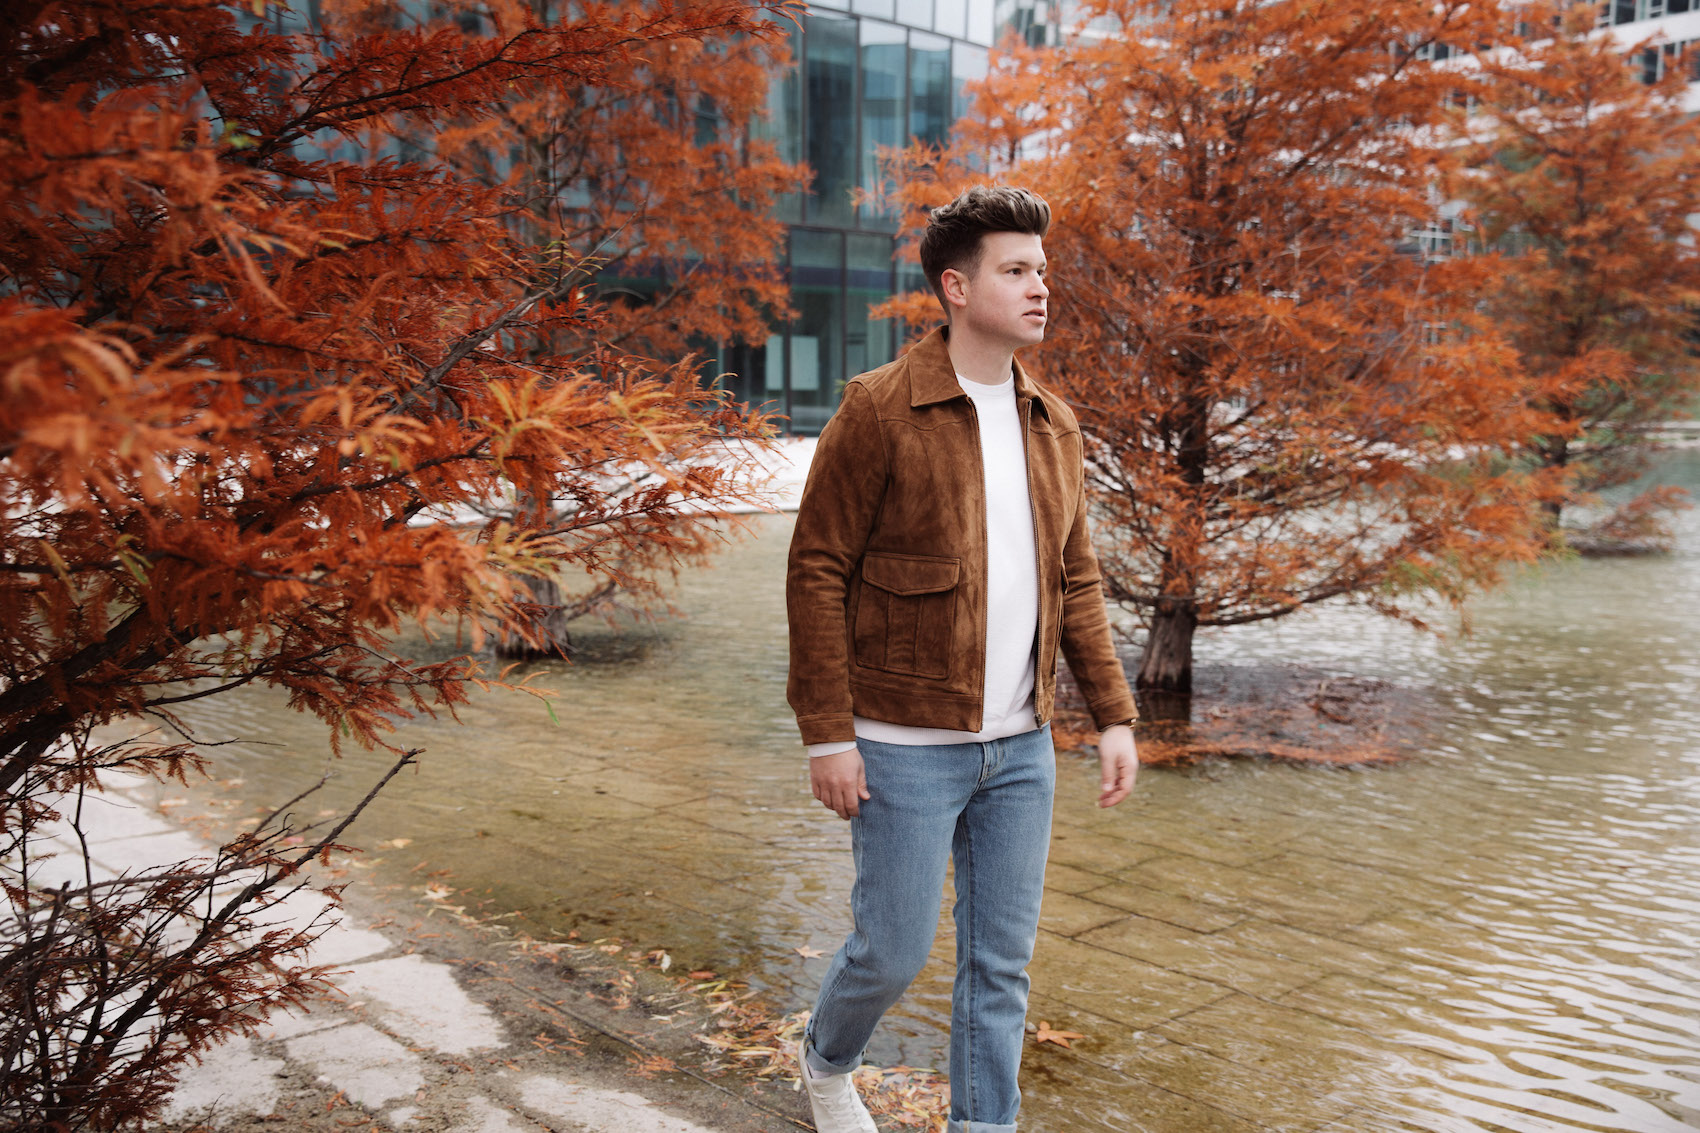 weekday Herbstoutfit Wildlederjacke 90er Jahre Jeans und Stickpulli Outfitpost von Meanwhile in Awesometown - Wiener Männermode und Lifestyle Blogger4